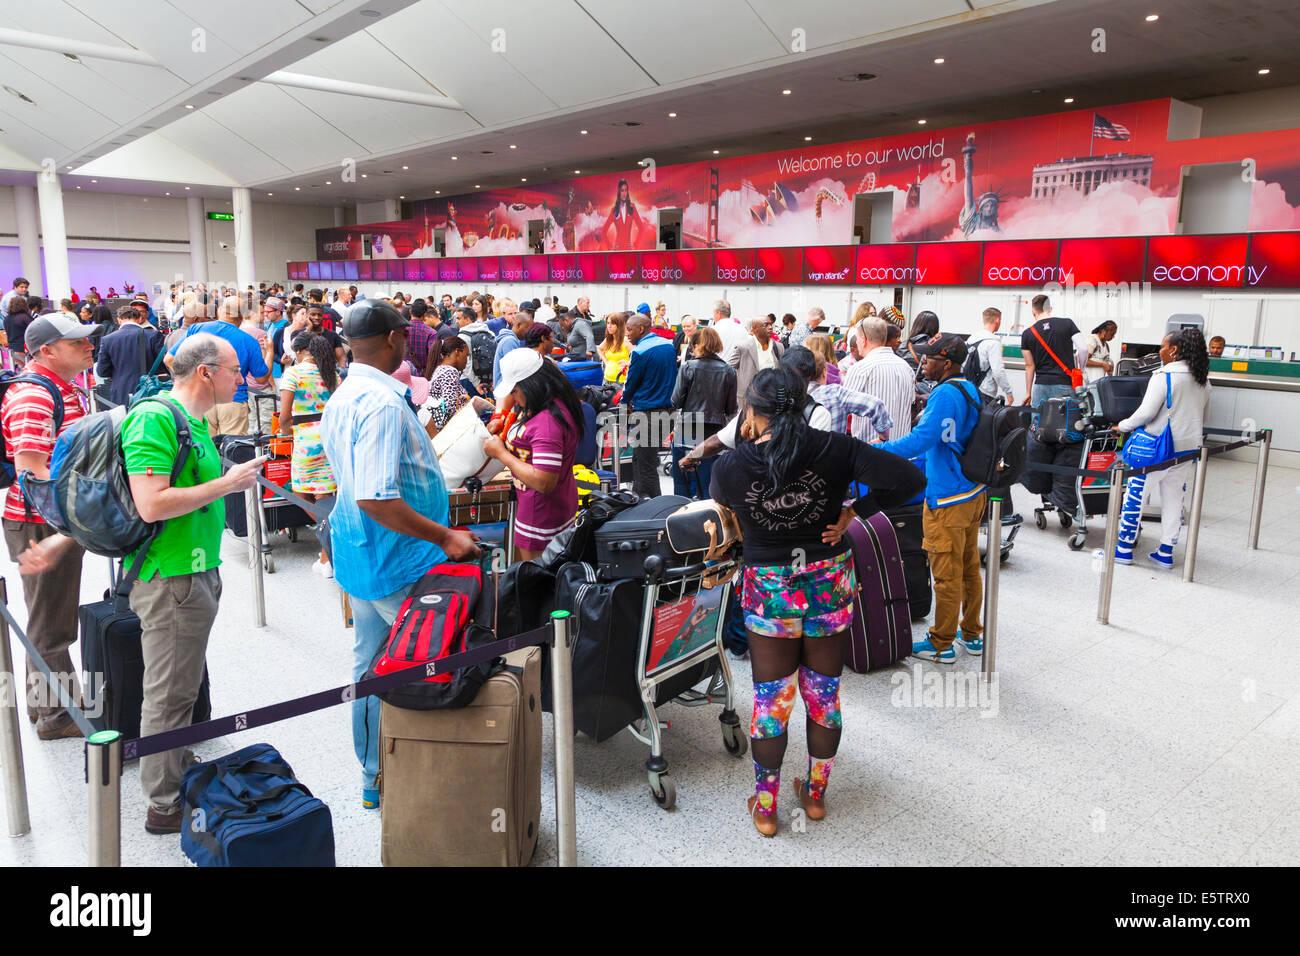 Longue file d'attente des passagers en attente d'enregistrement dans un bureau à Virgin Atlantic. Photo Stock